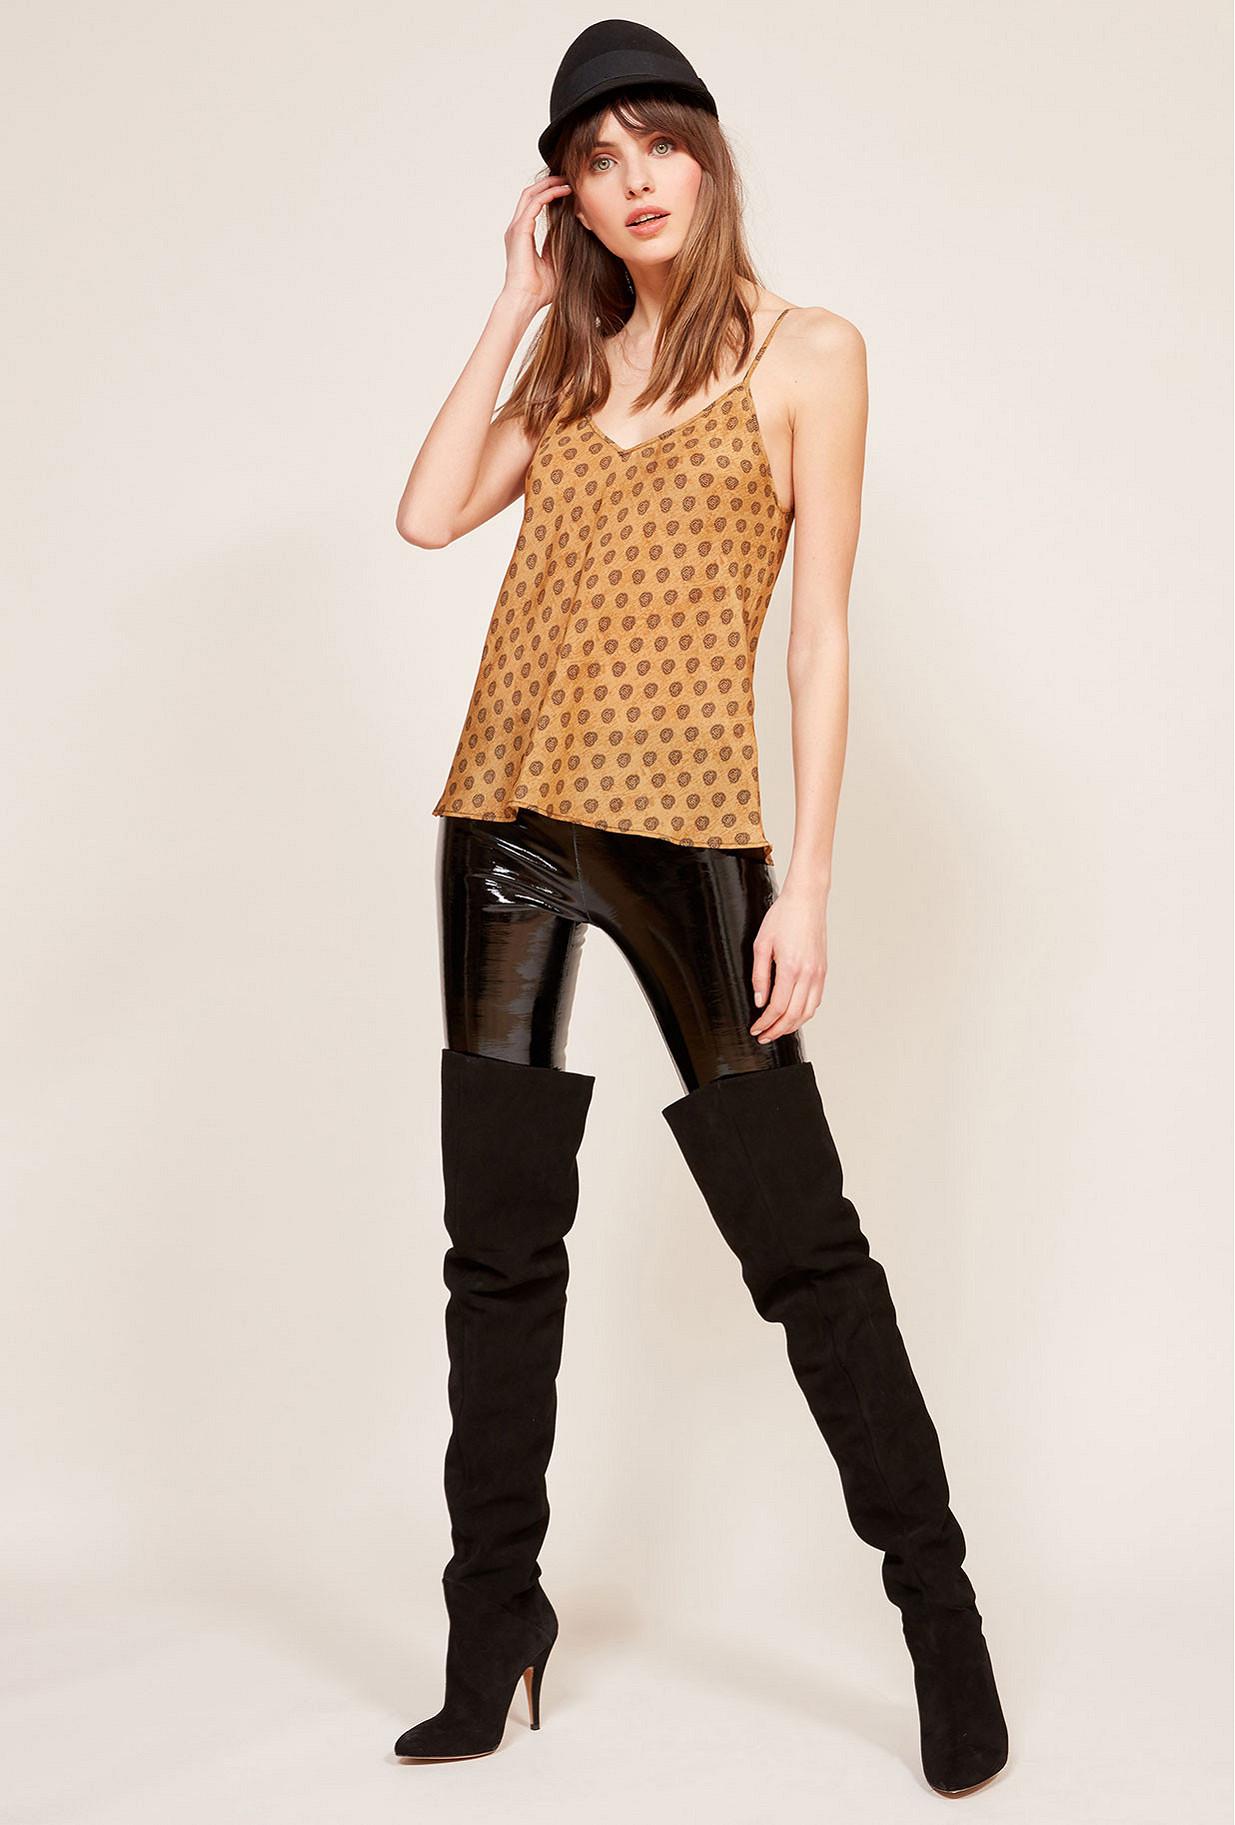 Beige  Top  Branjen Mes demoiselles fashion clothes designer Paris